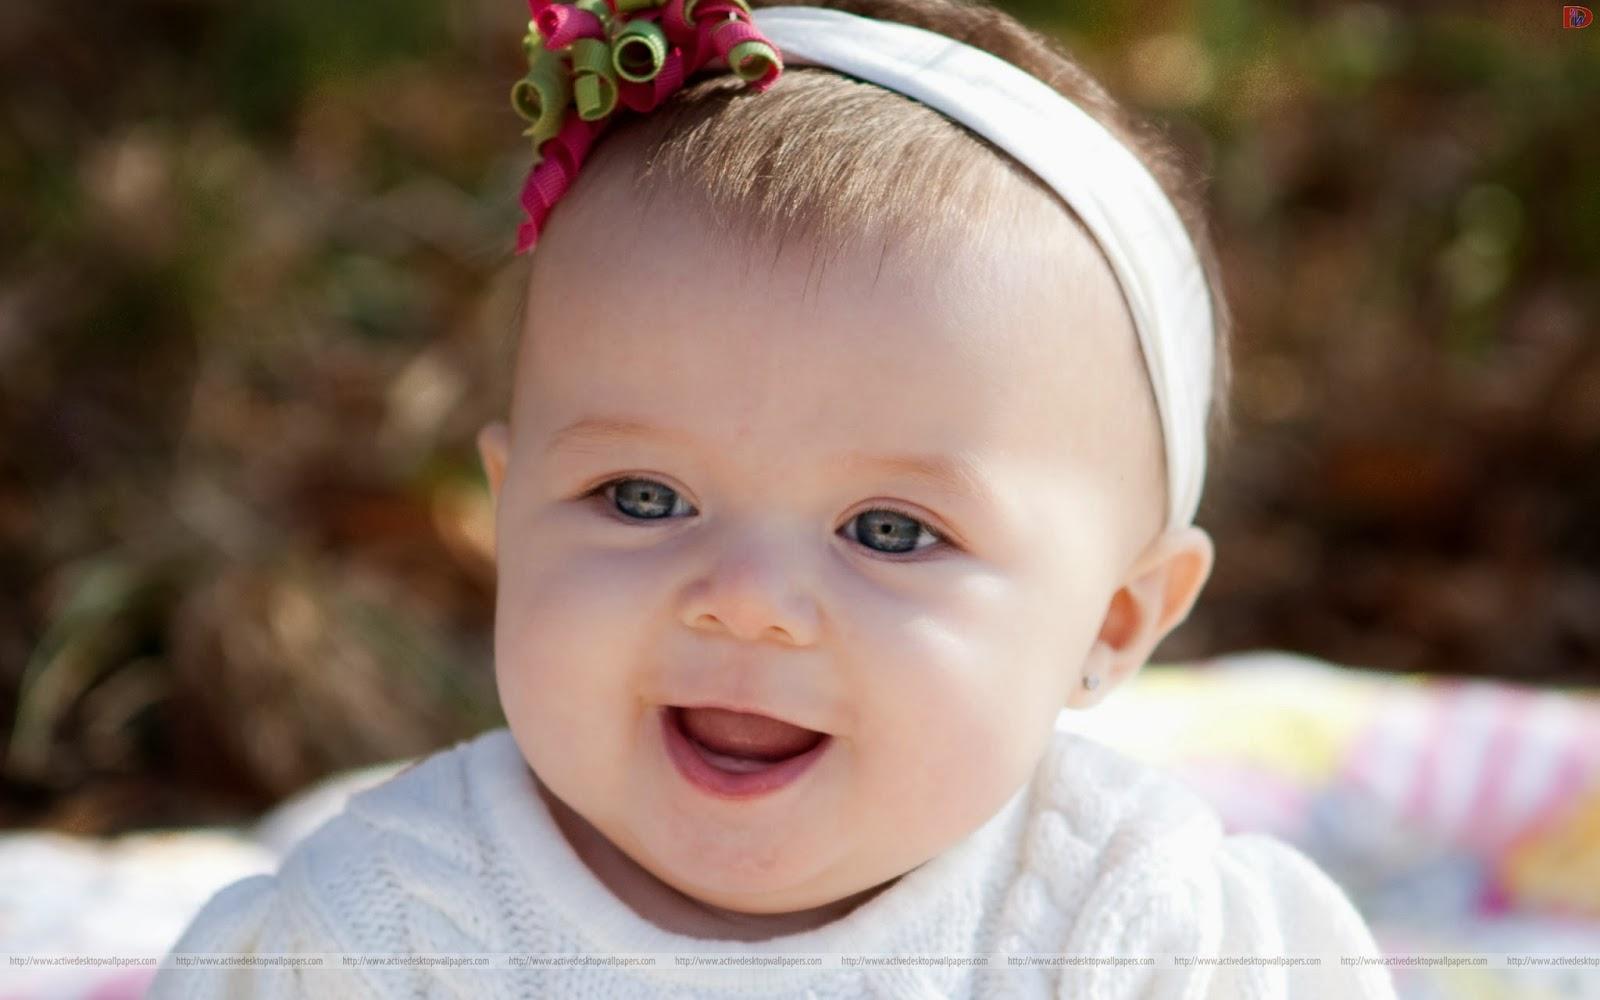 بالصور صور اطفال شعرهم اشقر اجمل صور اطفال شقر , صورة طفل جميل 4330 3